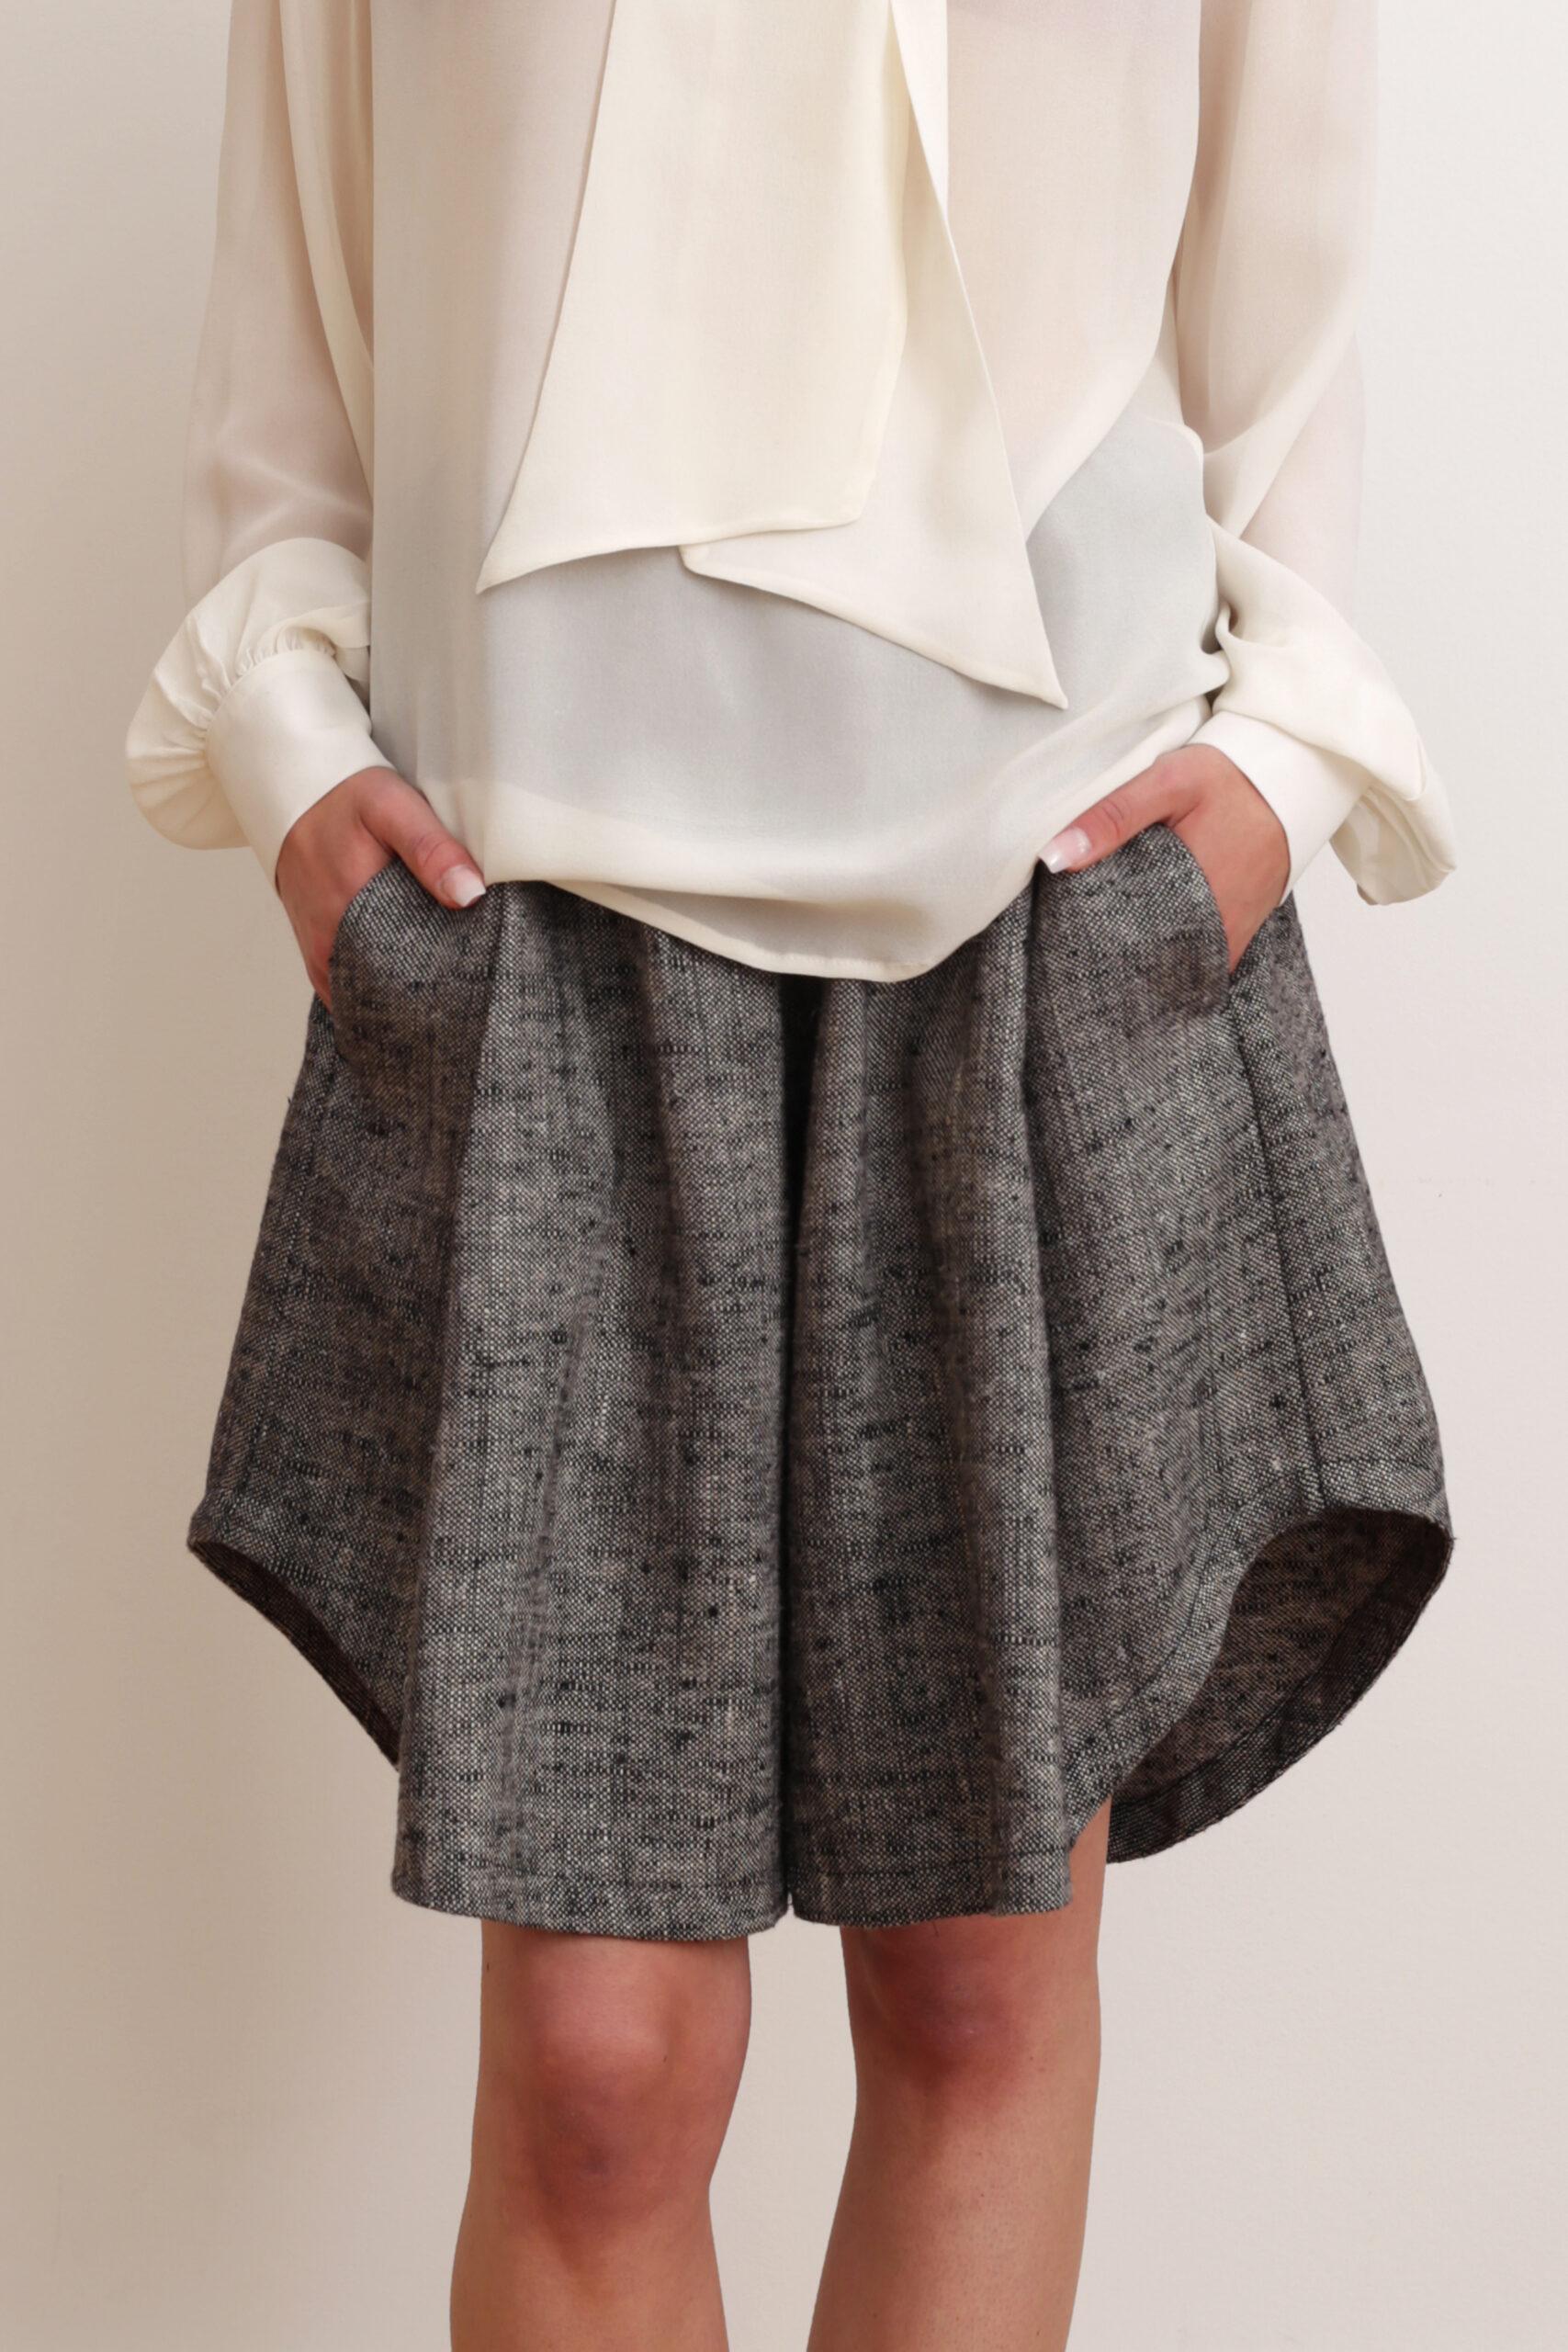 Shorts and blouse. Sustainable luxury fashion.